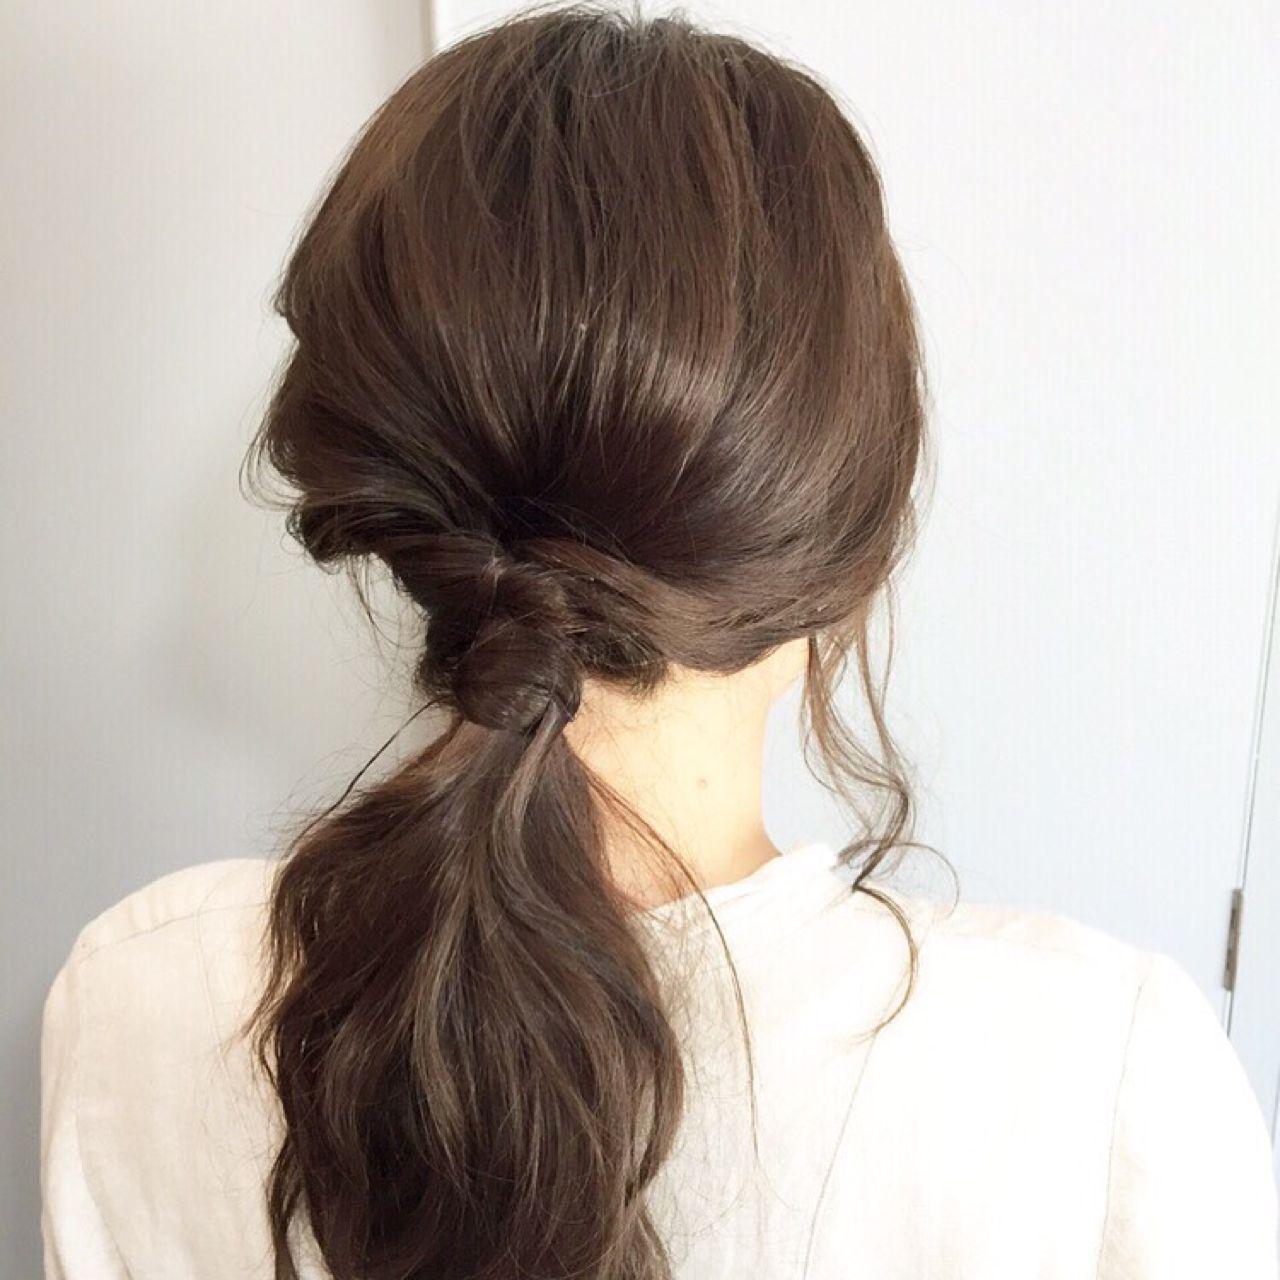 ゆるふわ セルフヘアアレンジ 時短 セミロングヘアスタイルや髪型の写真・画像